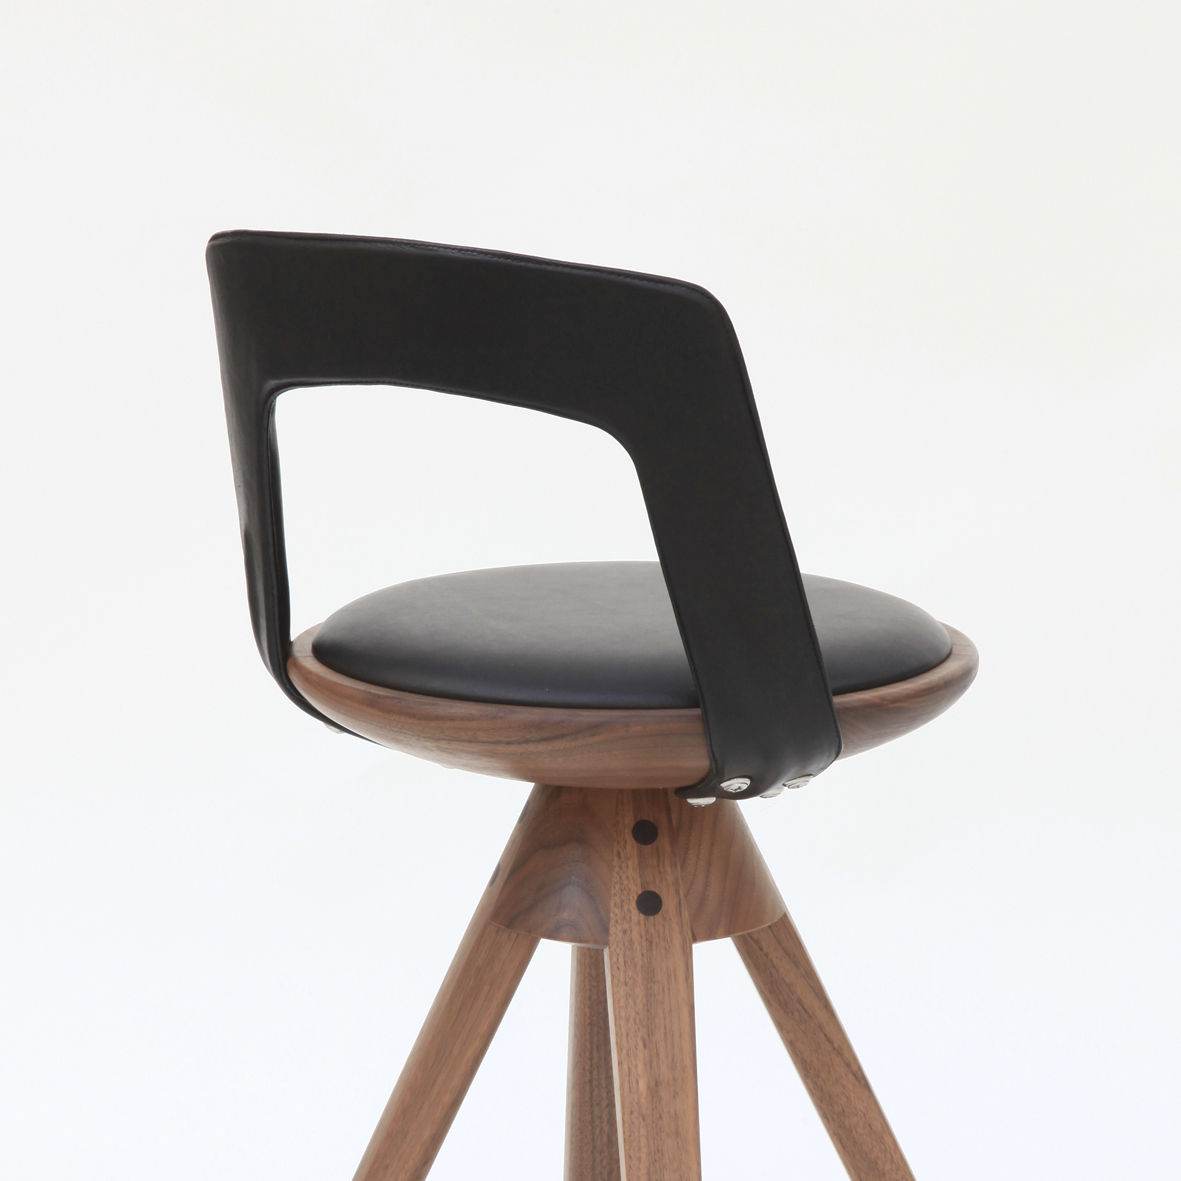 En Pivotante De Bar Chaise Design Tapissée Noyer Scandinave shtCBrdQx